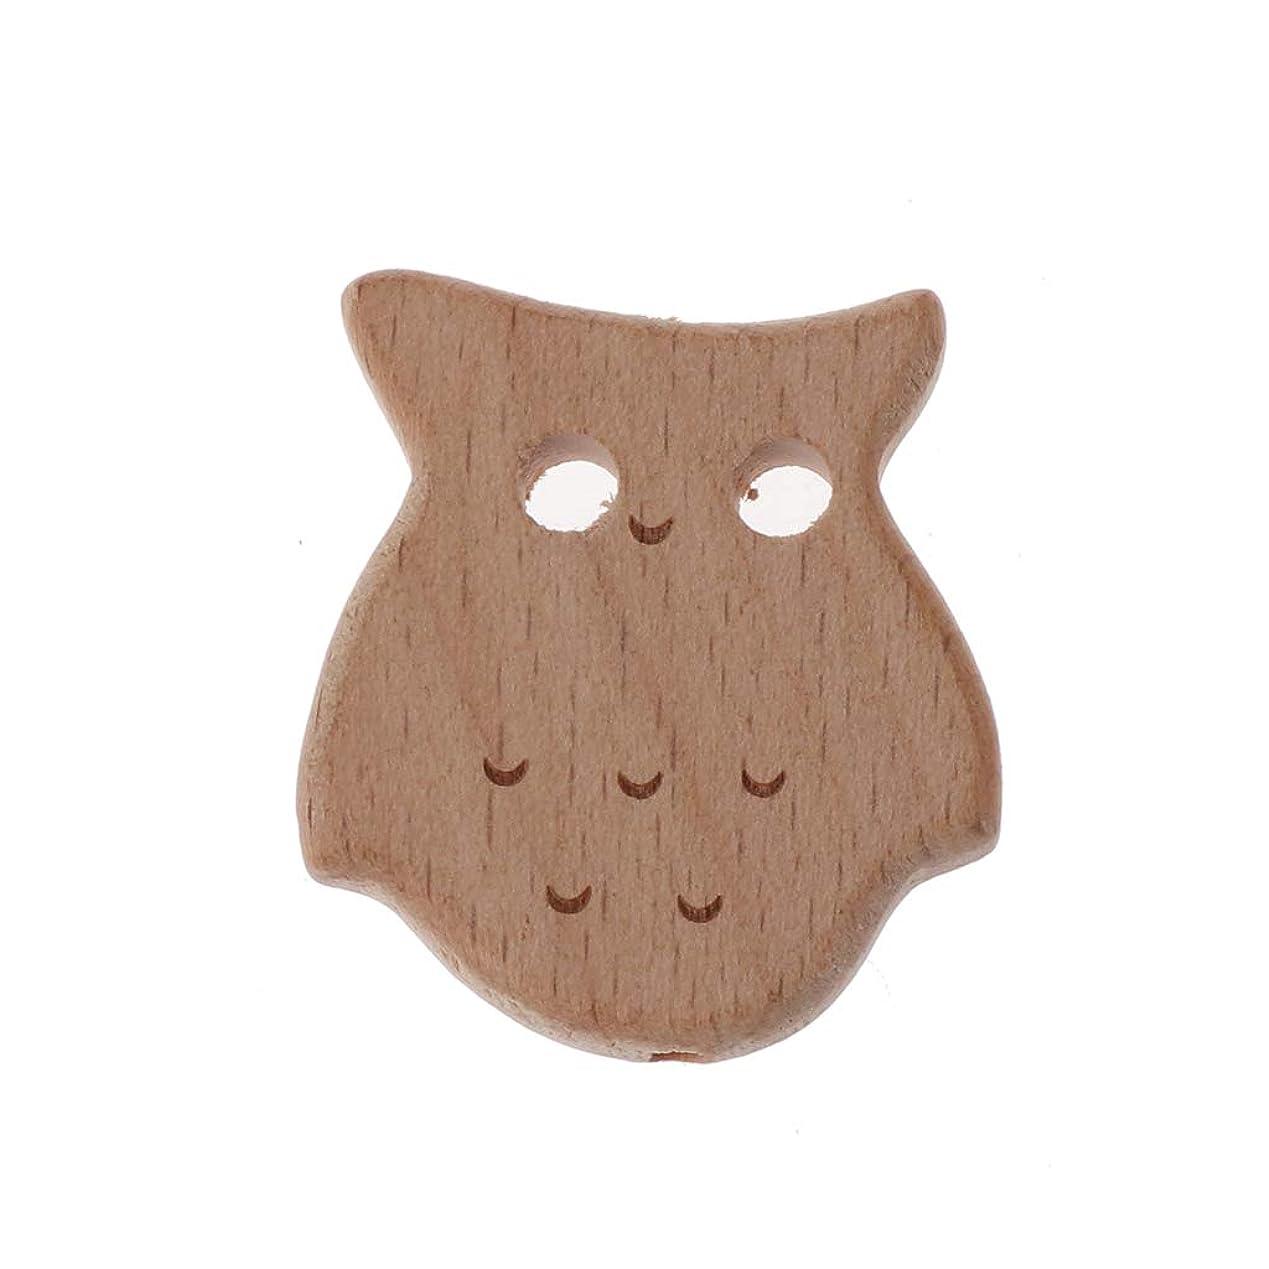 切り刻むハブプリーツLandwoodウッド歯が生えるビーズニレ動物ビーズ赤ちゃんのおもちゃDIYおしゃぶりチェーンアクセサリー - フクロウ